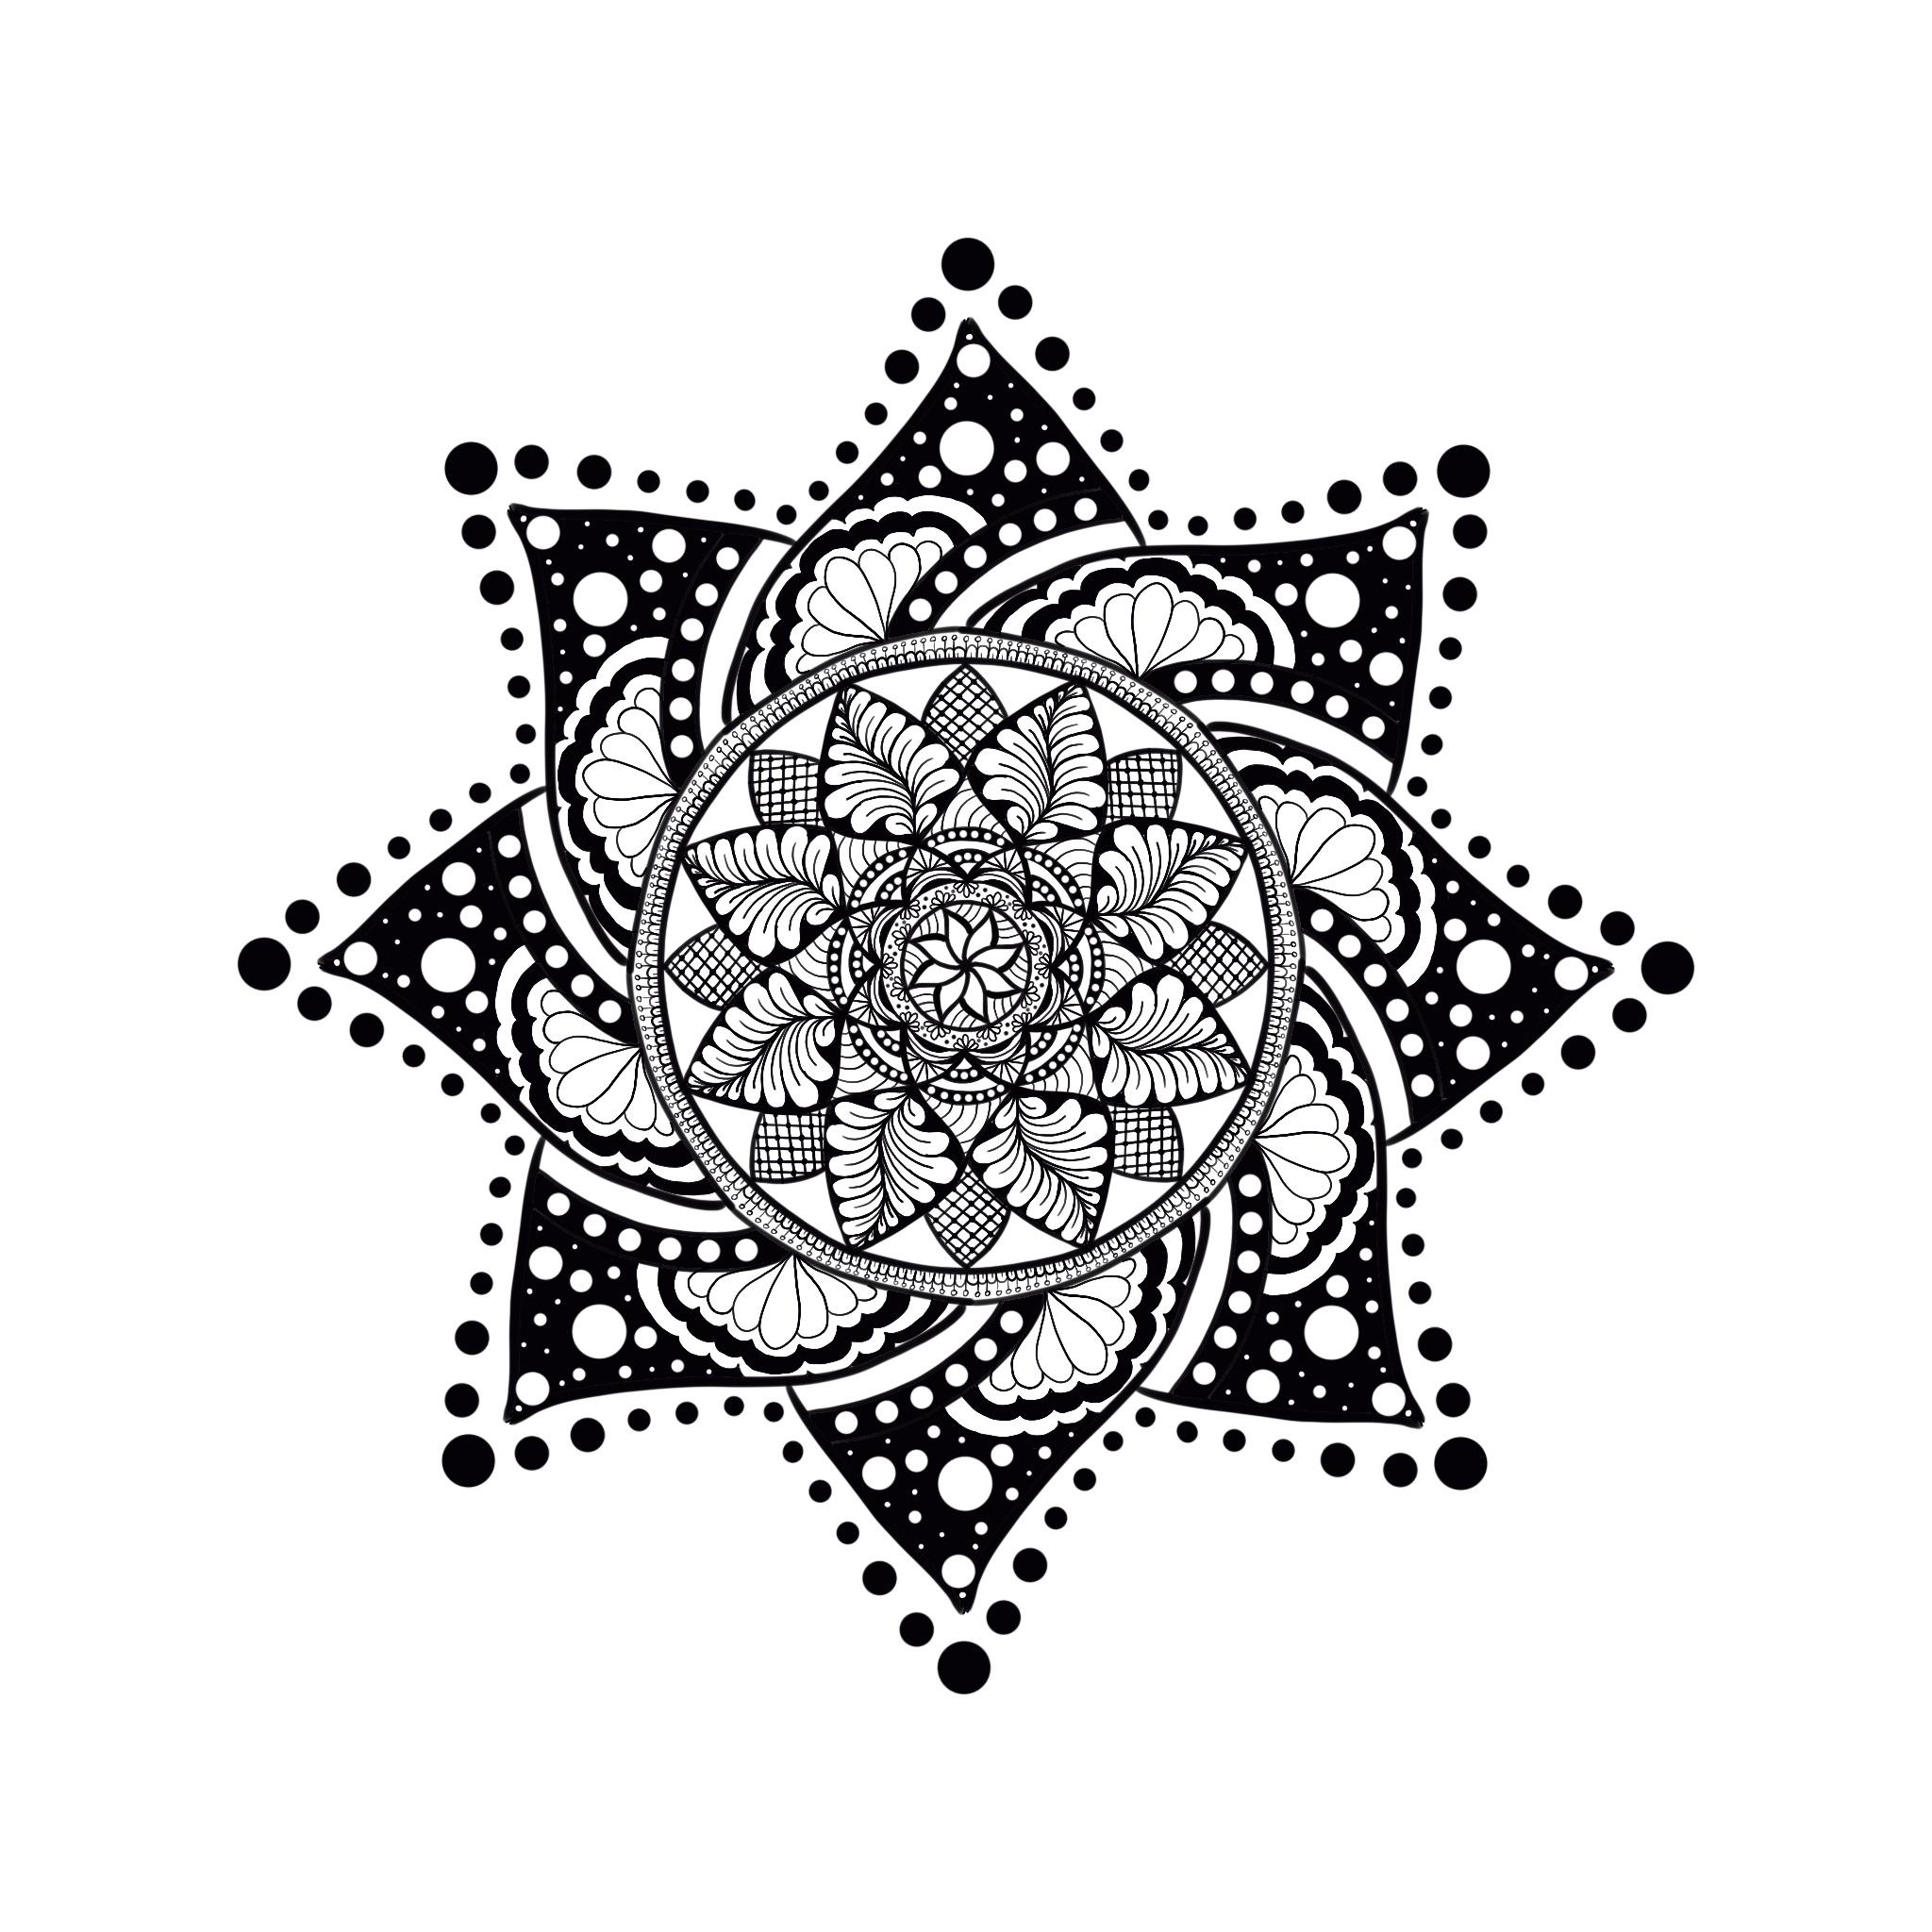 Mandala_68